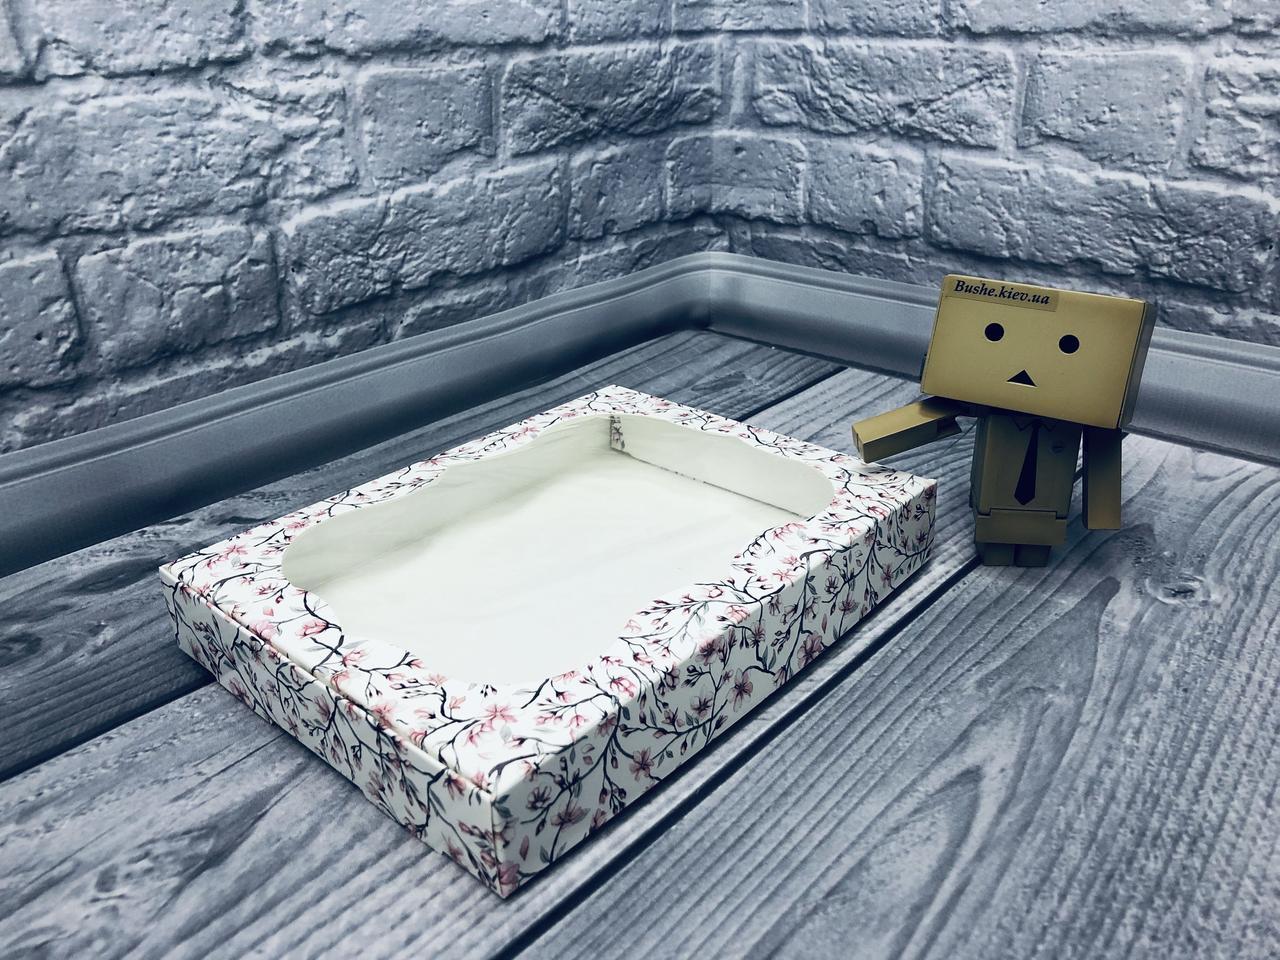 *10 шт* / Коробка для пряников / 150х200х30 мм / печать-Сакура / окно-обычн / лк / цв